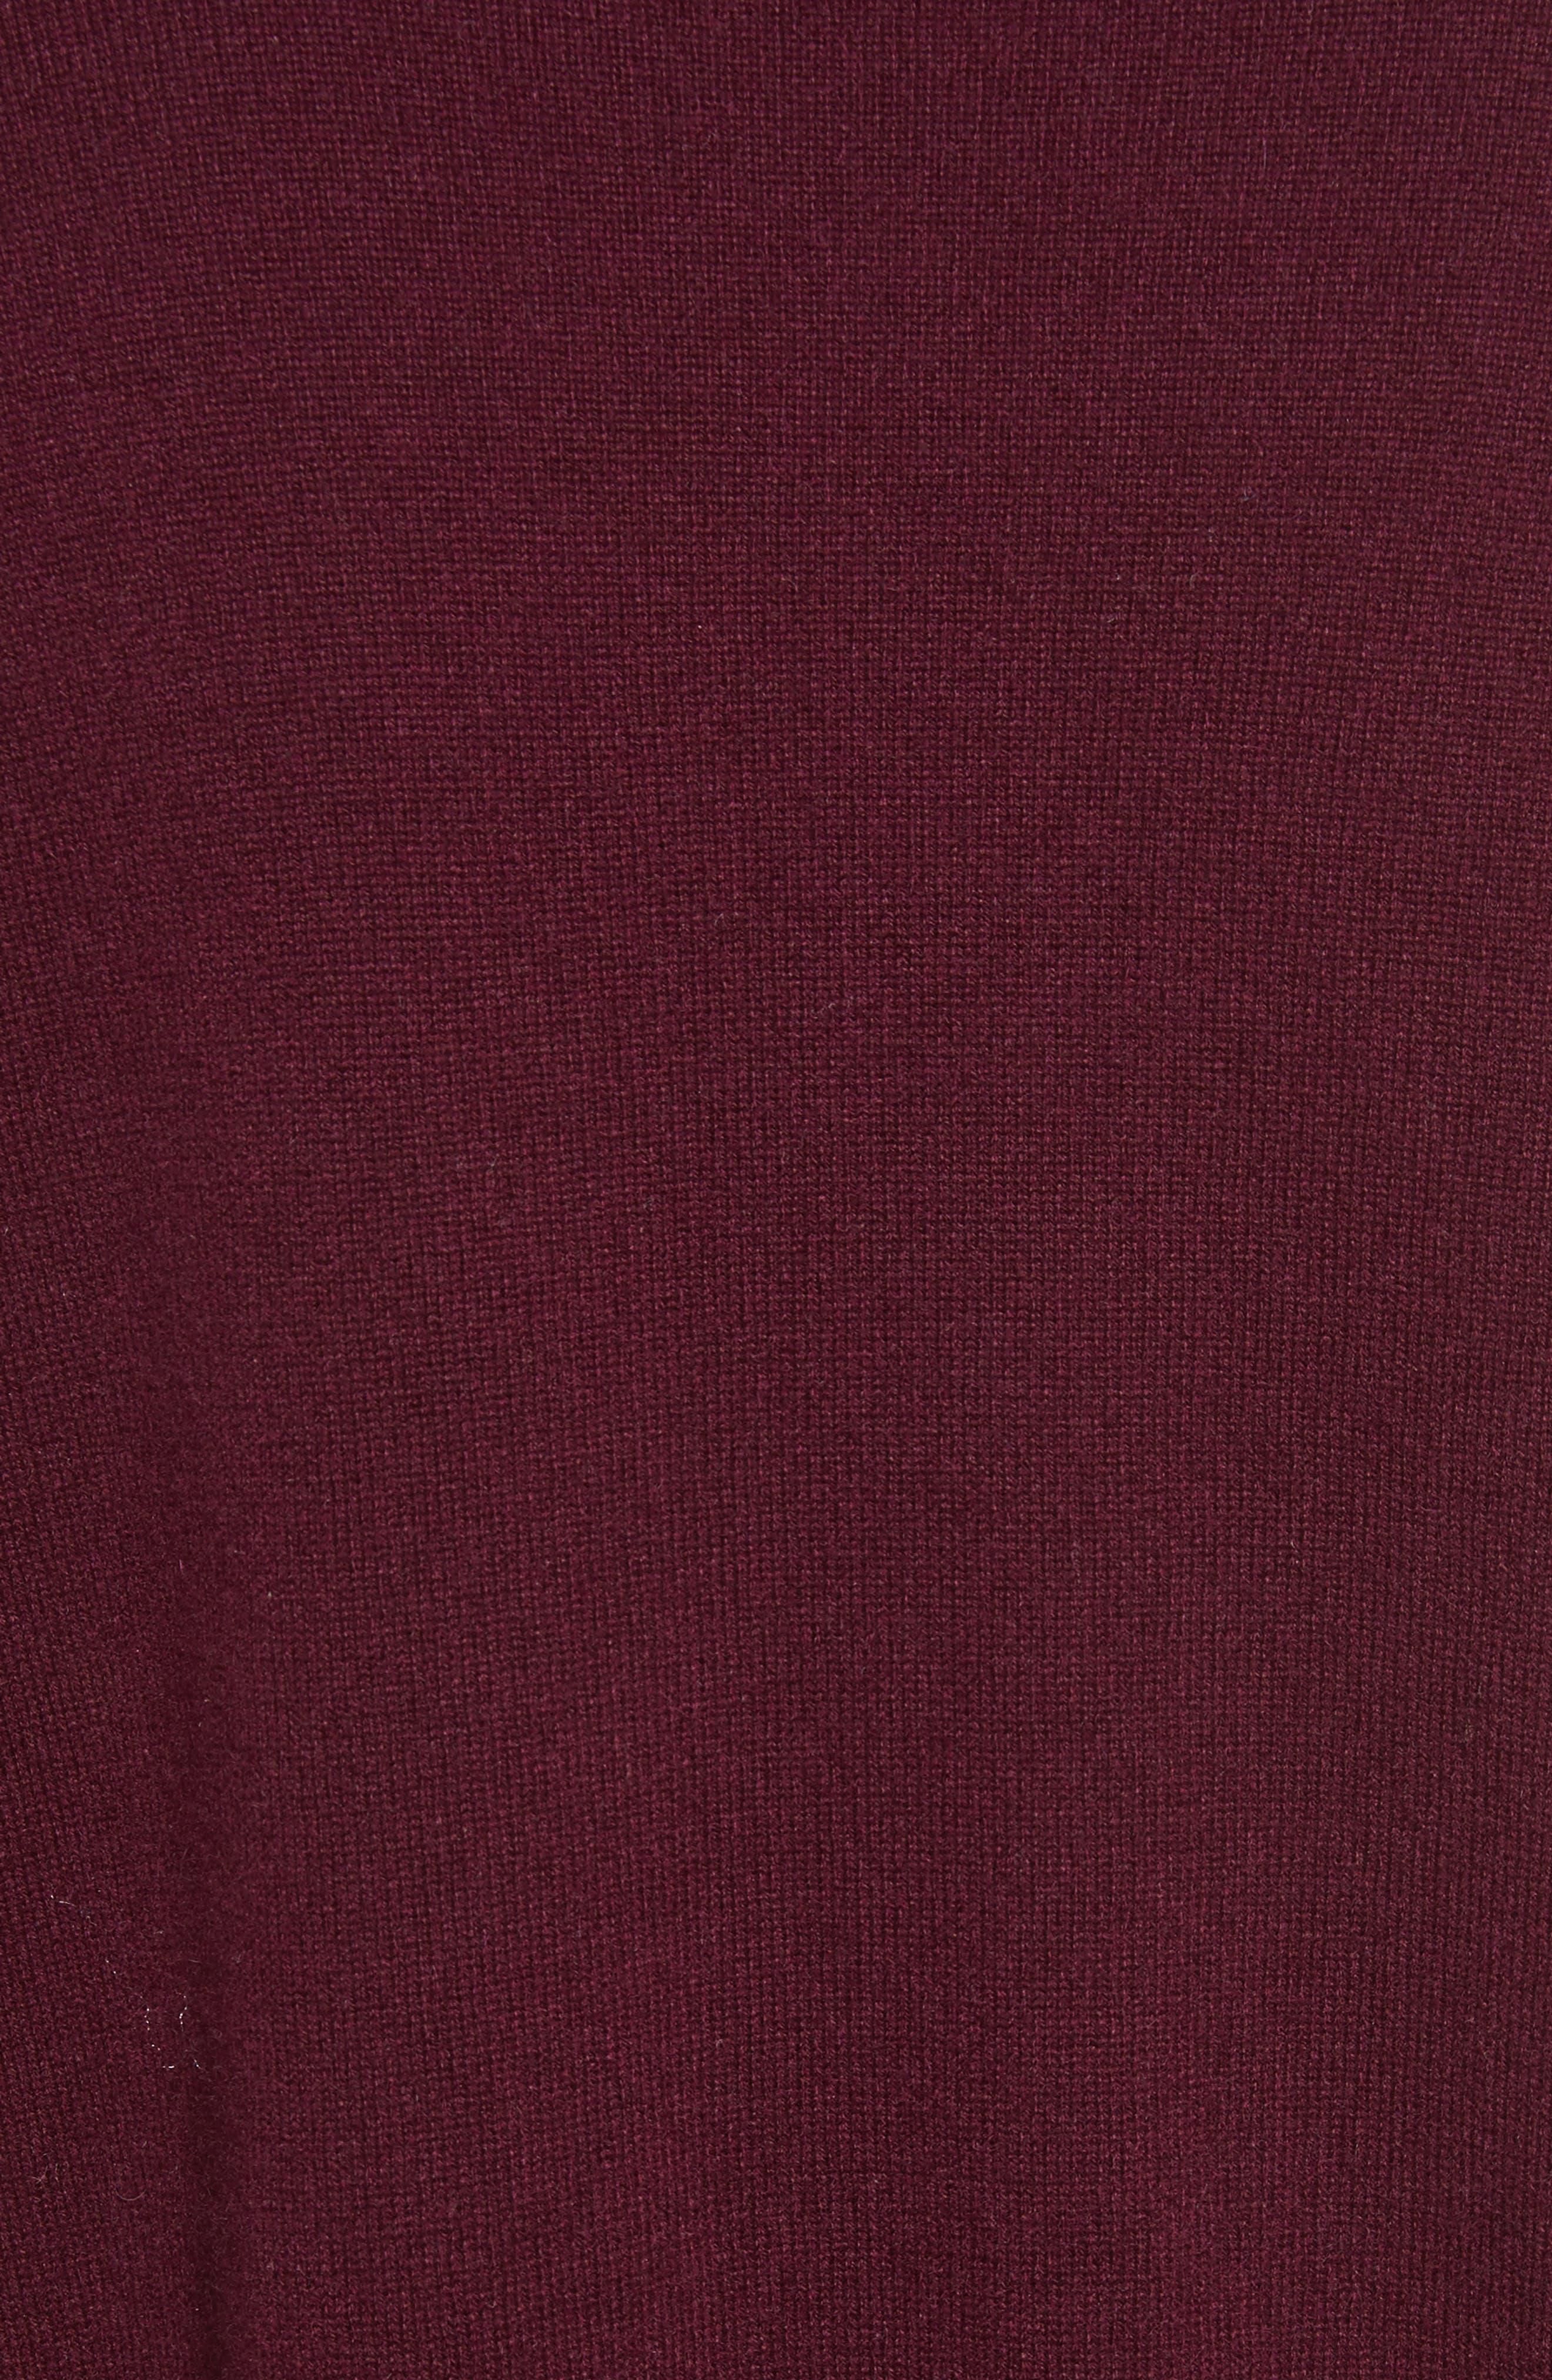 Ruffle Hem Crewneck Sweater,                             Alternate thumbnail 5, color,